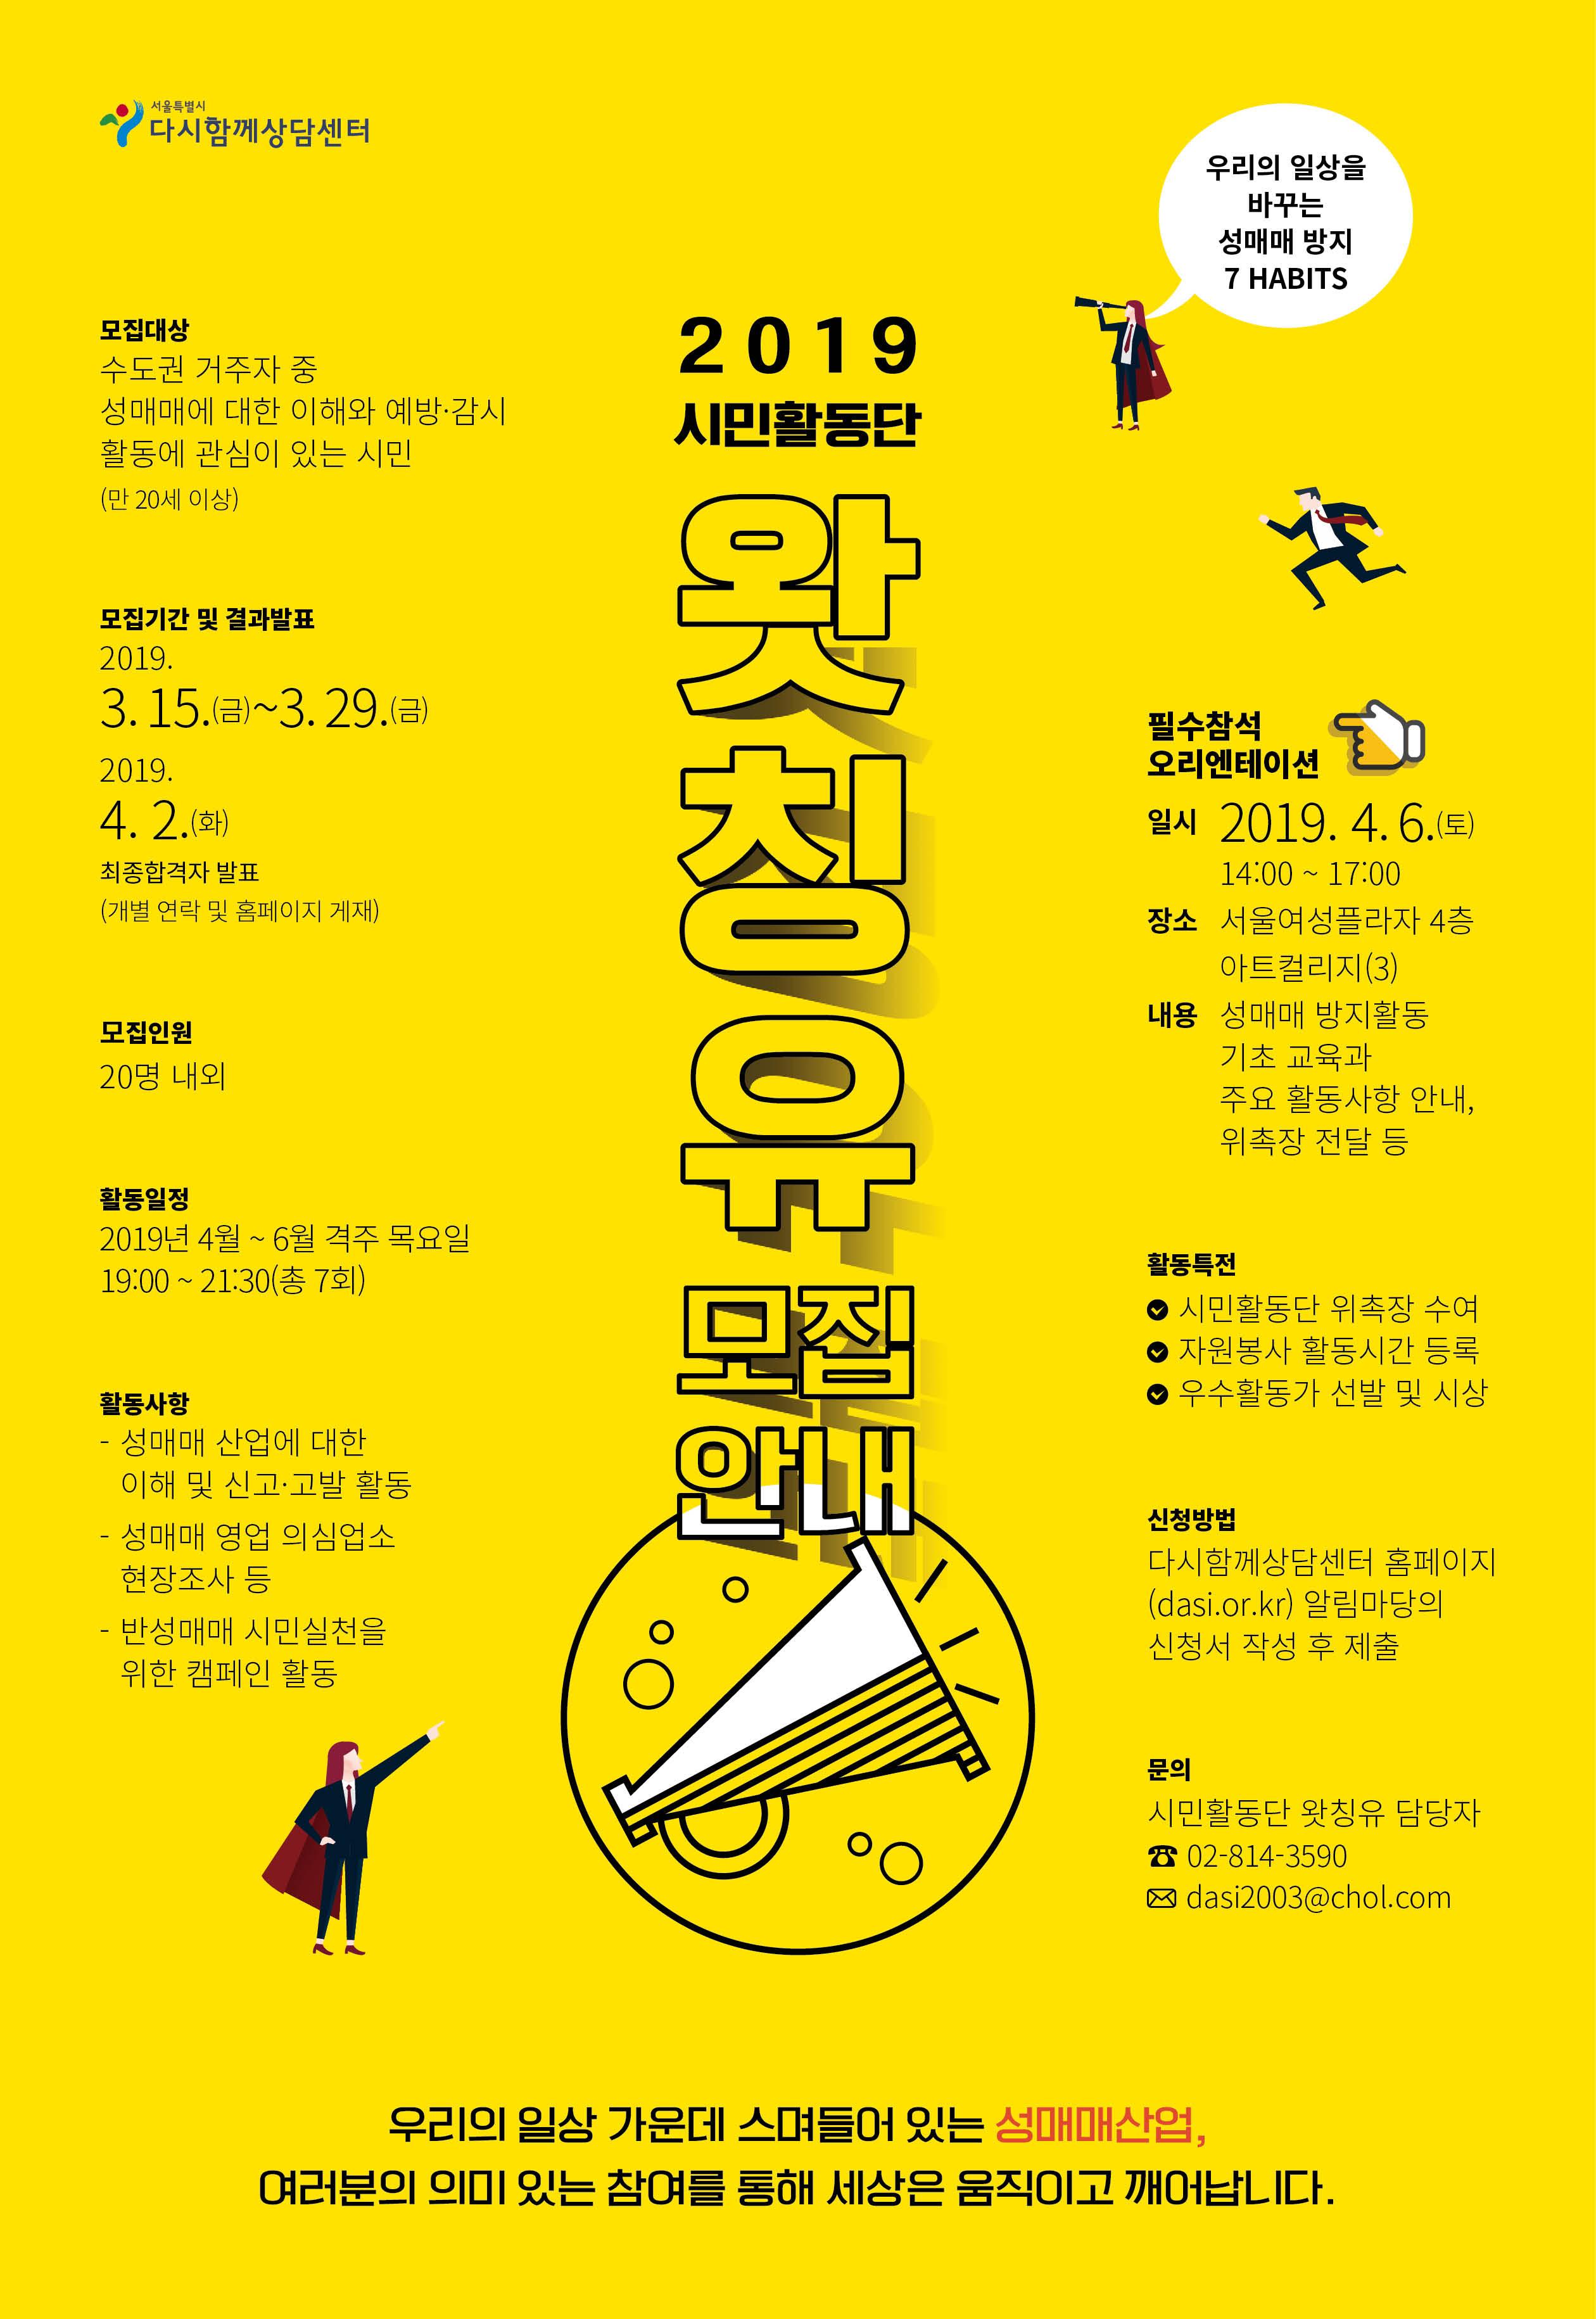 [서울시다시함께상담센터] 2019년 시민활동단 왓칭유 모집 (~3/29)